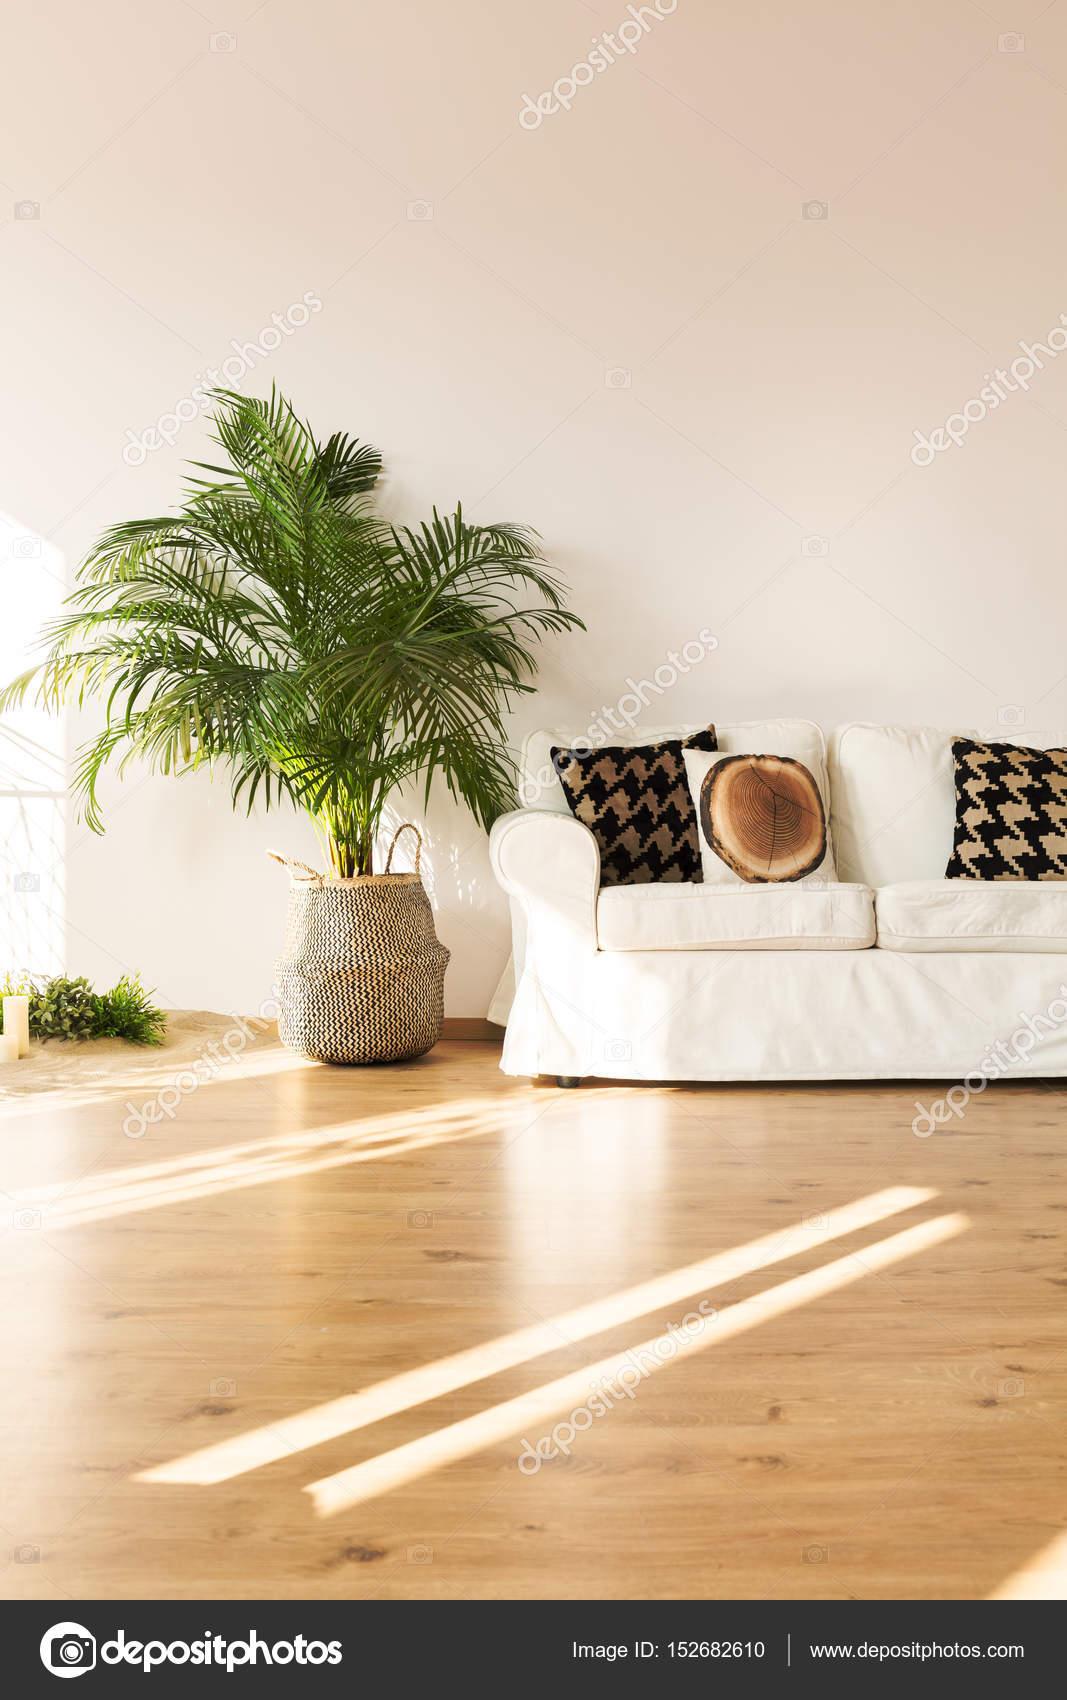 Einfache Wohnzimmer mit sofa — Stockfoto © photographee.eu #152682610